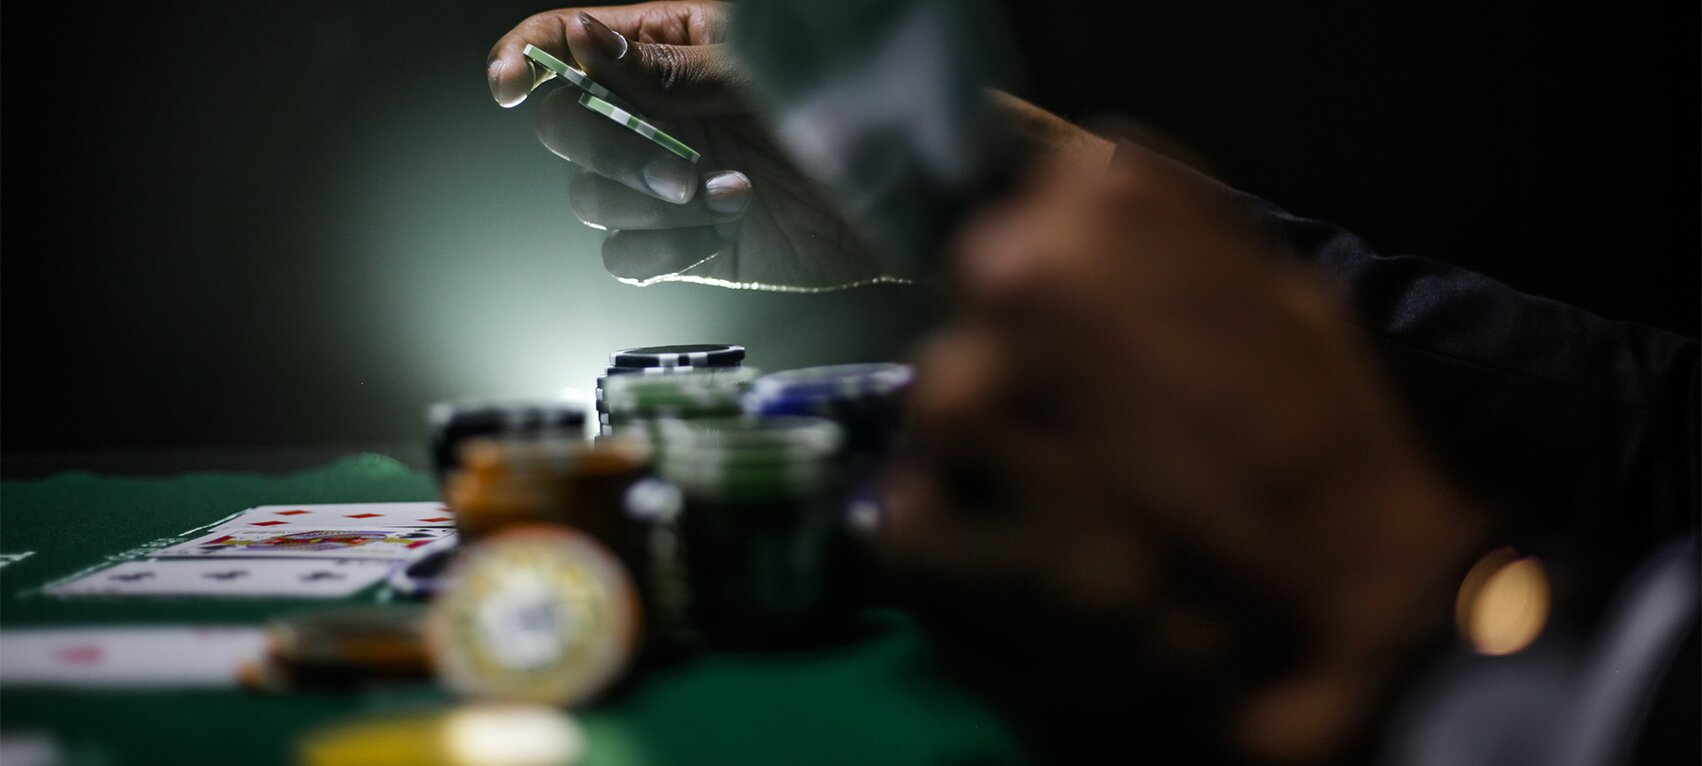 https://www.gambleonline.co/app/uploads/2021/04/people-playing-poker-1-1.jpg